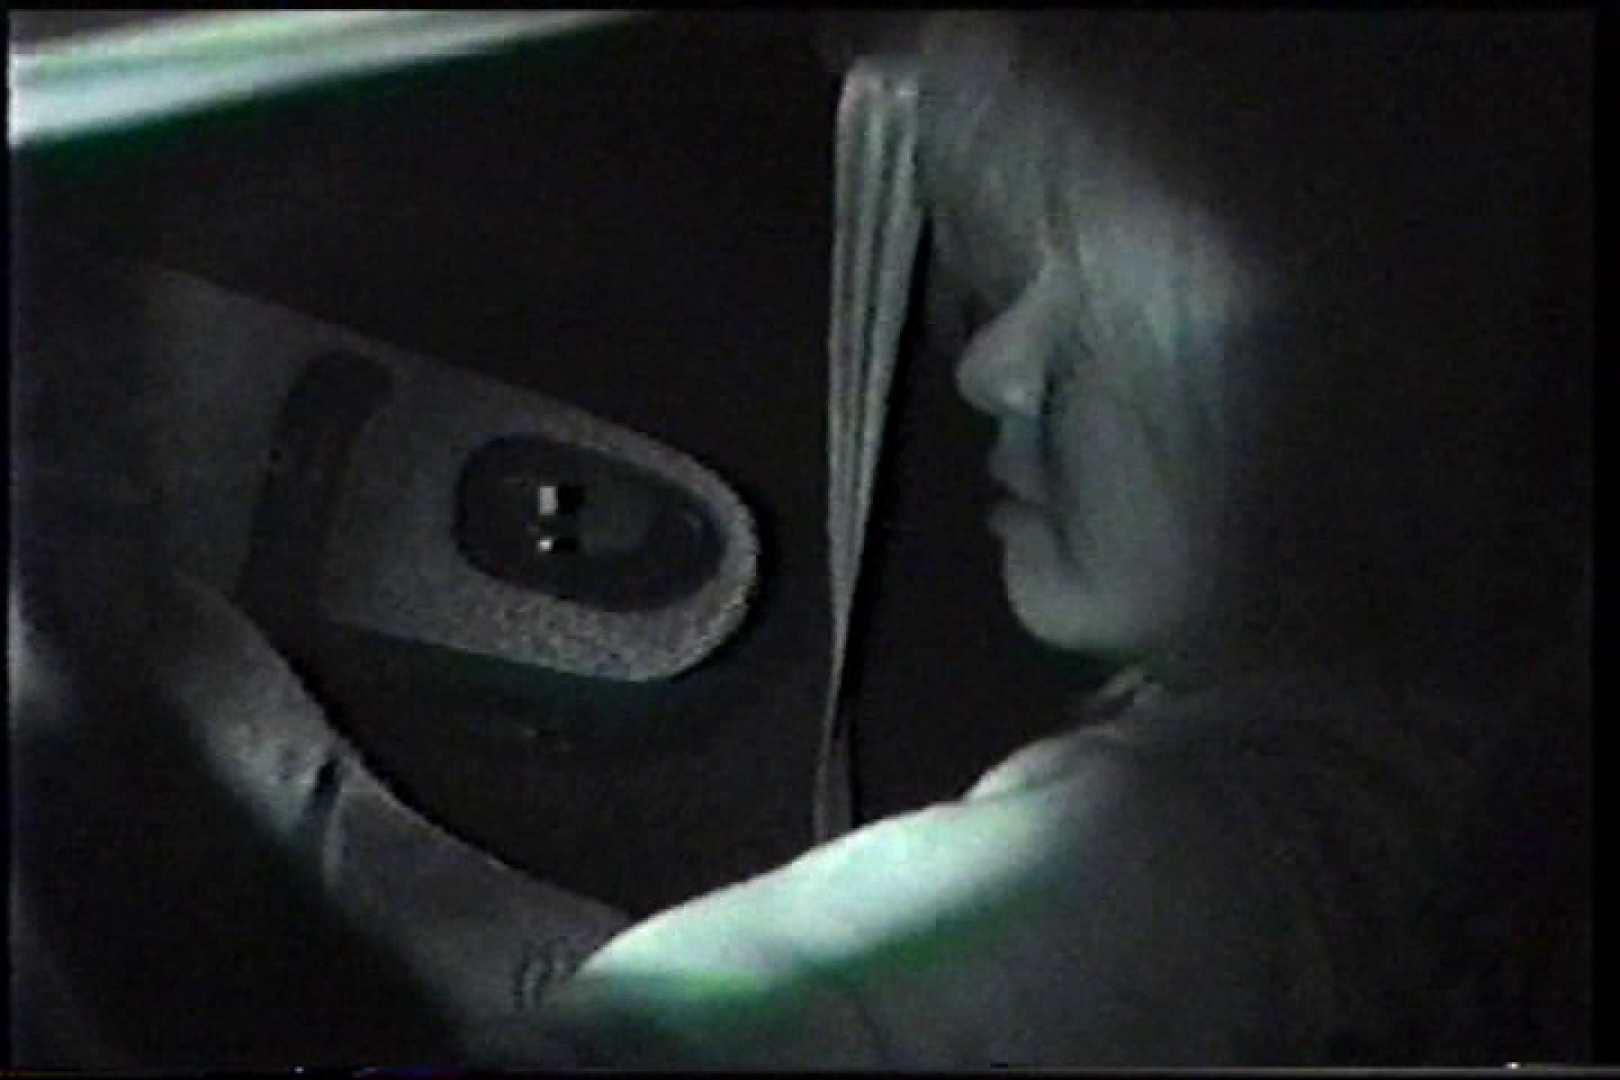 充血監督の深夜の運動会Vol.214 後編. レズビアン編 エロ画像 51pic 49